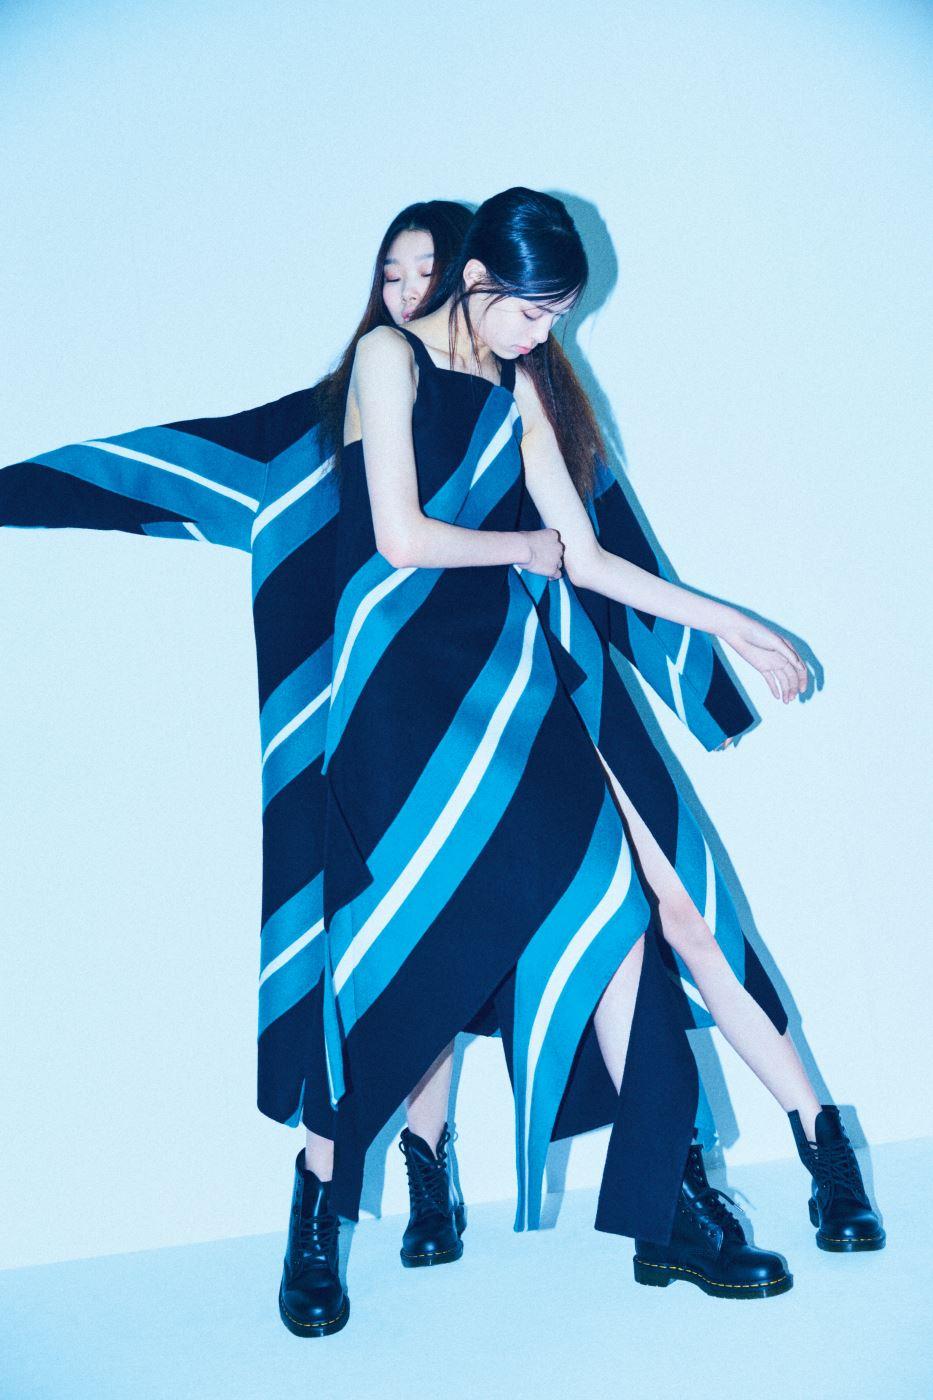 건축적인 줄무늬 패턴을 더한 슬리브리스 드레스와 코트는 YCH, 투박한 앵클부츠는 Dr.Martens 제품.